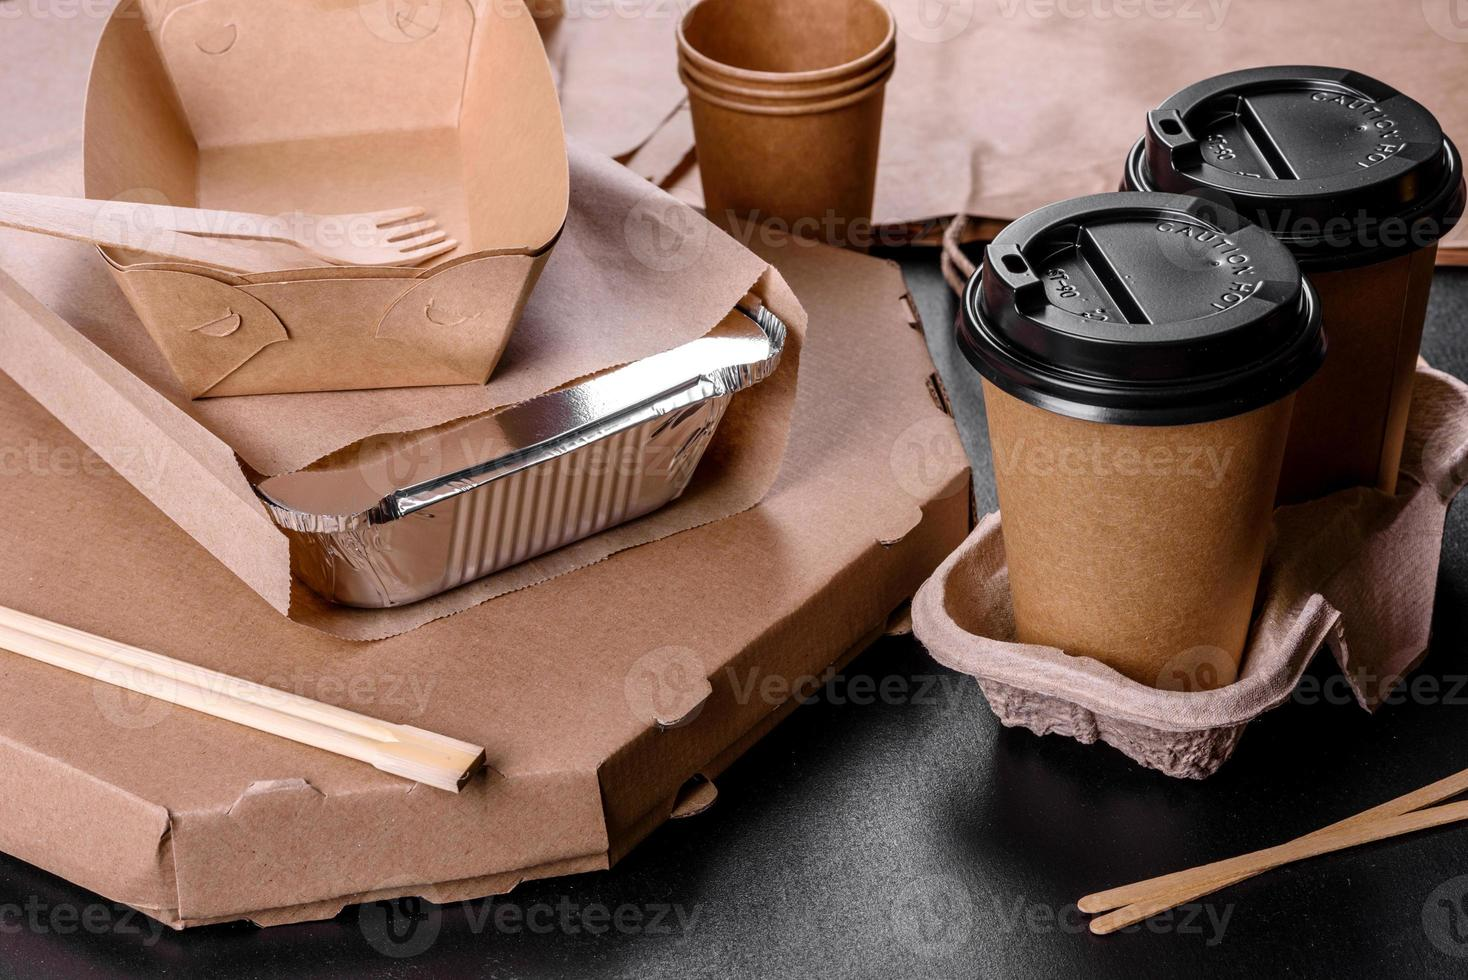 vaisselle jetable en carton brun écologique sur fond sombre photo